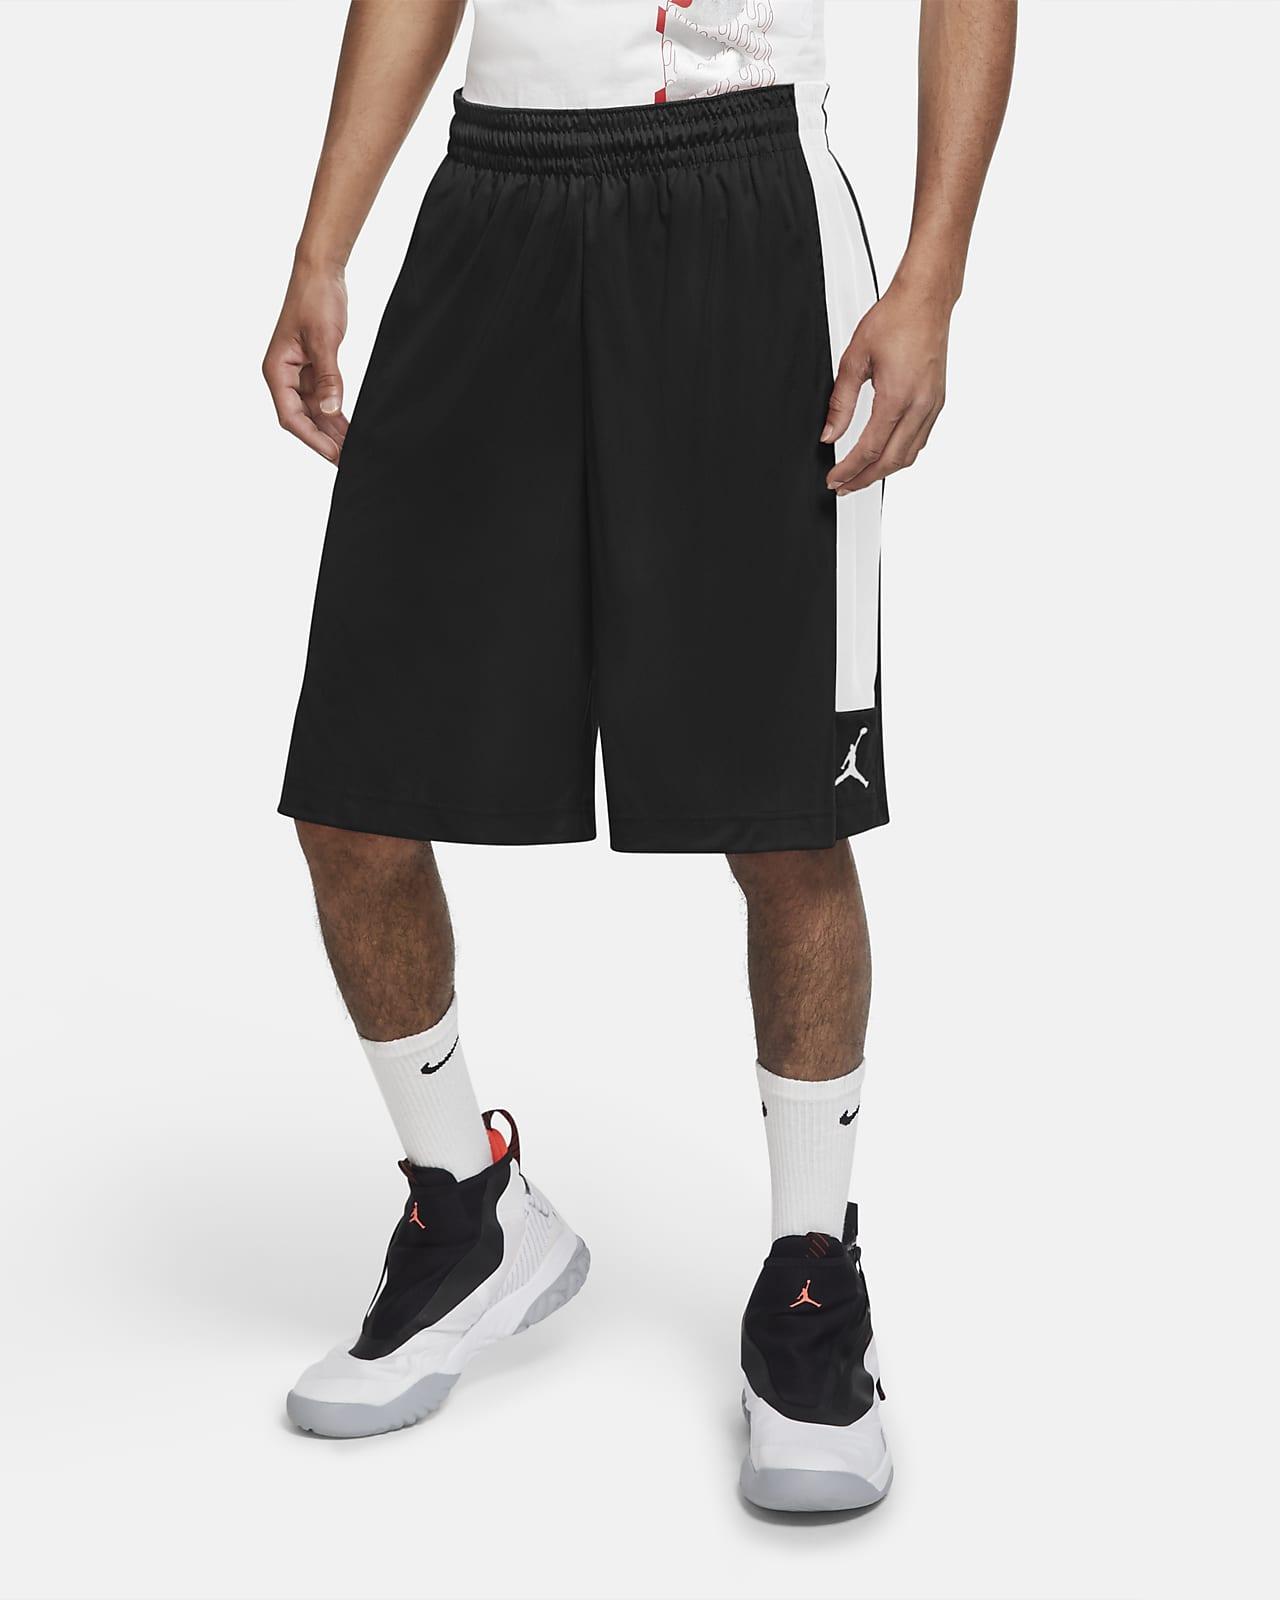 Shorts para hombre Jordan Dri-FIT 23 Alpha